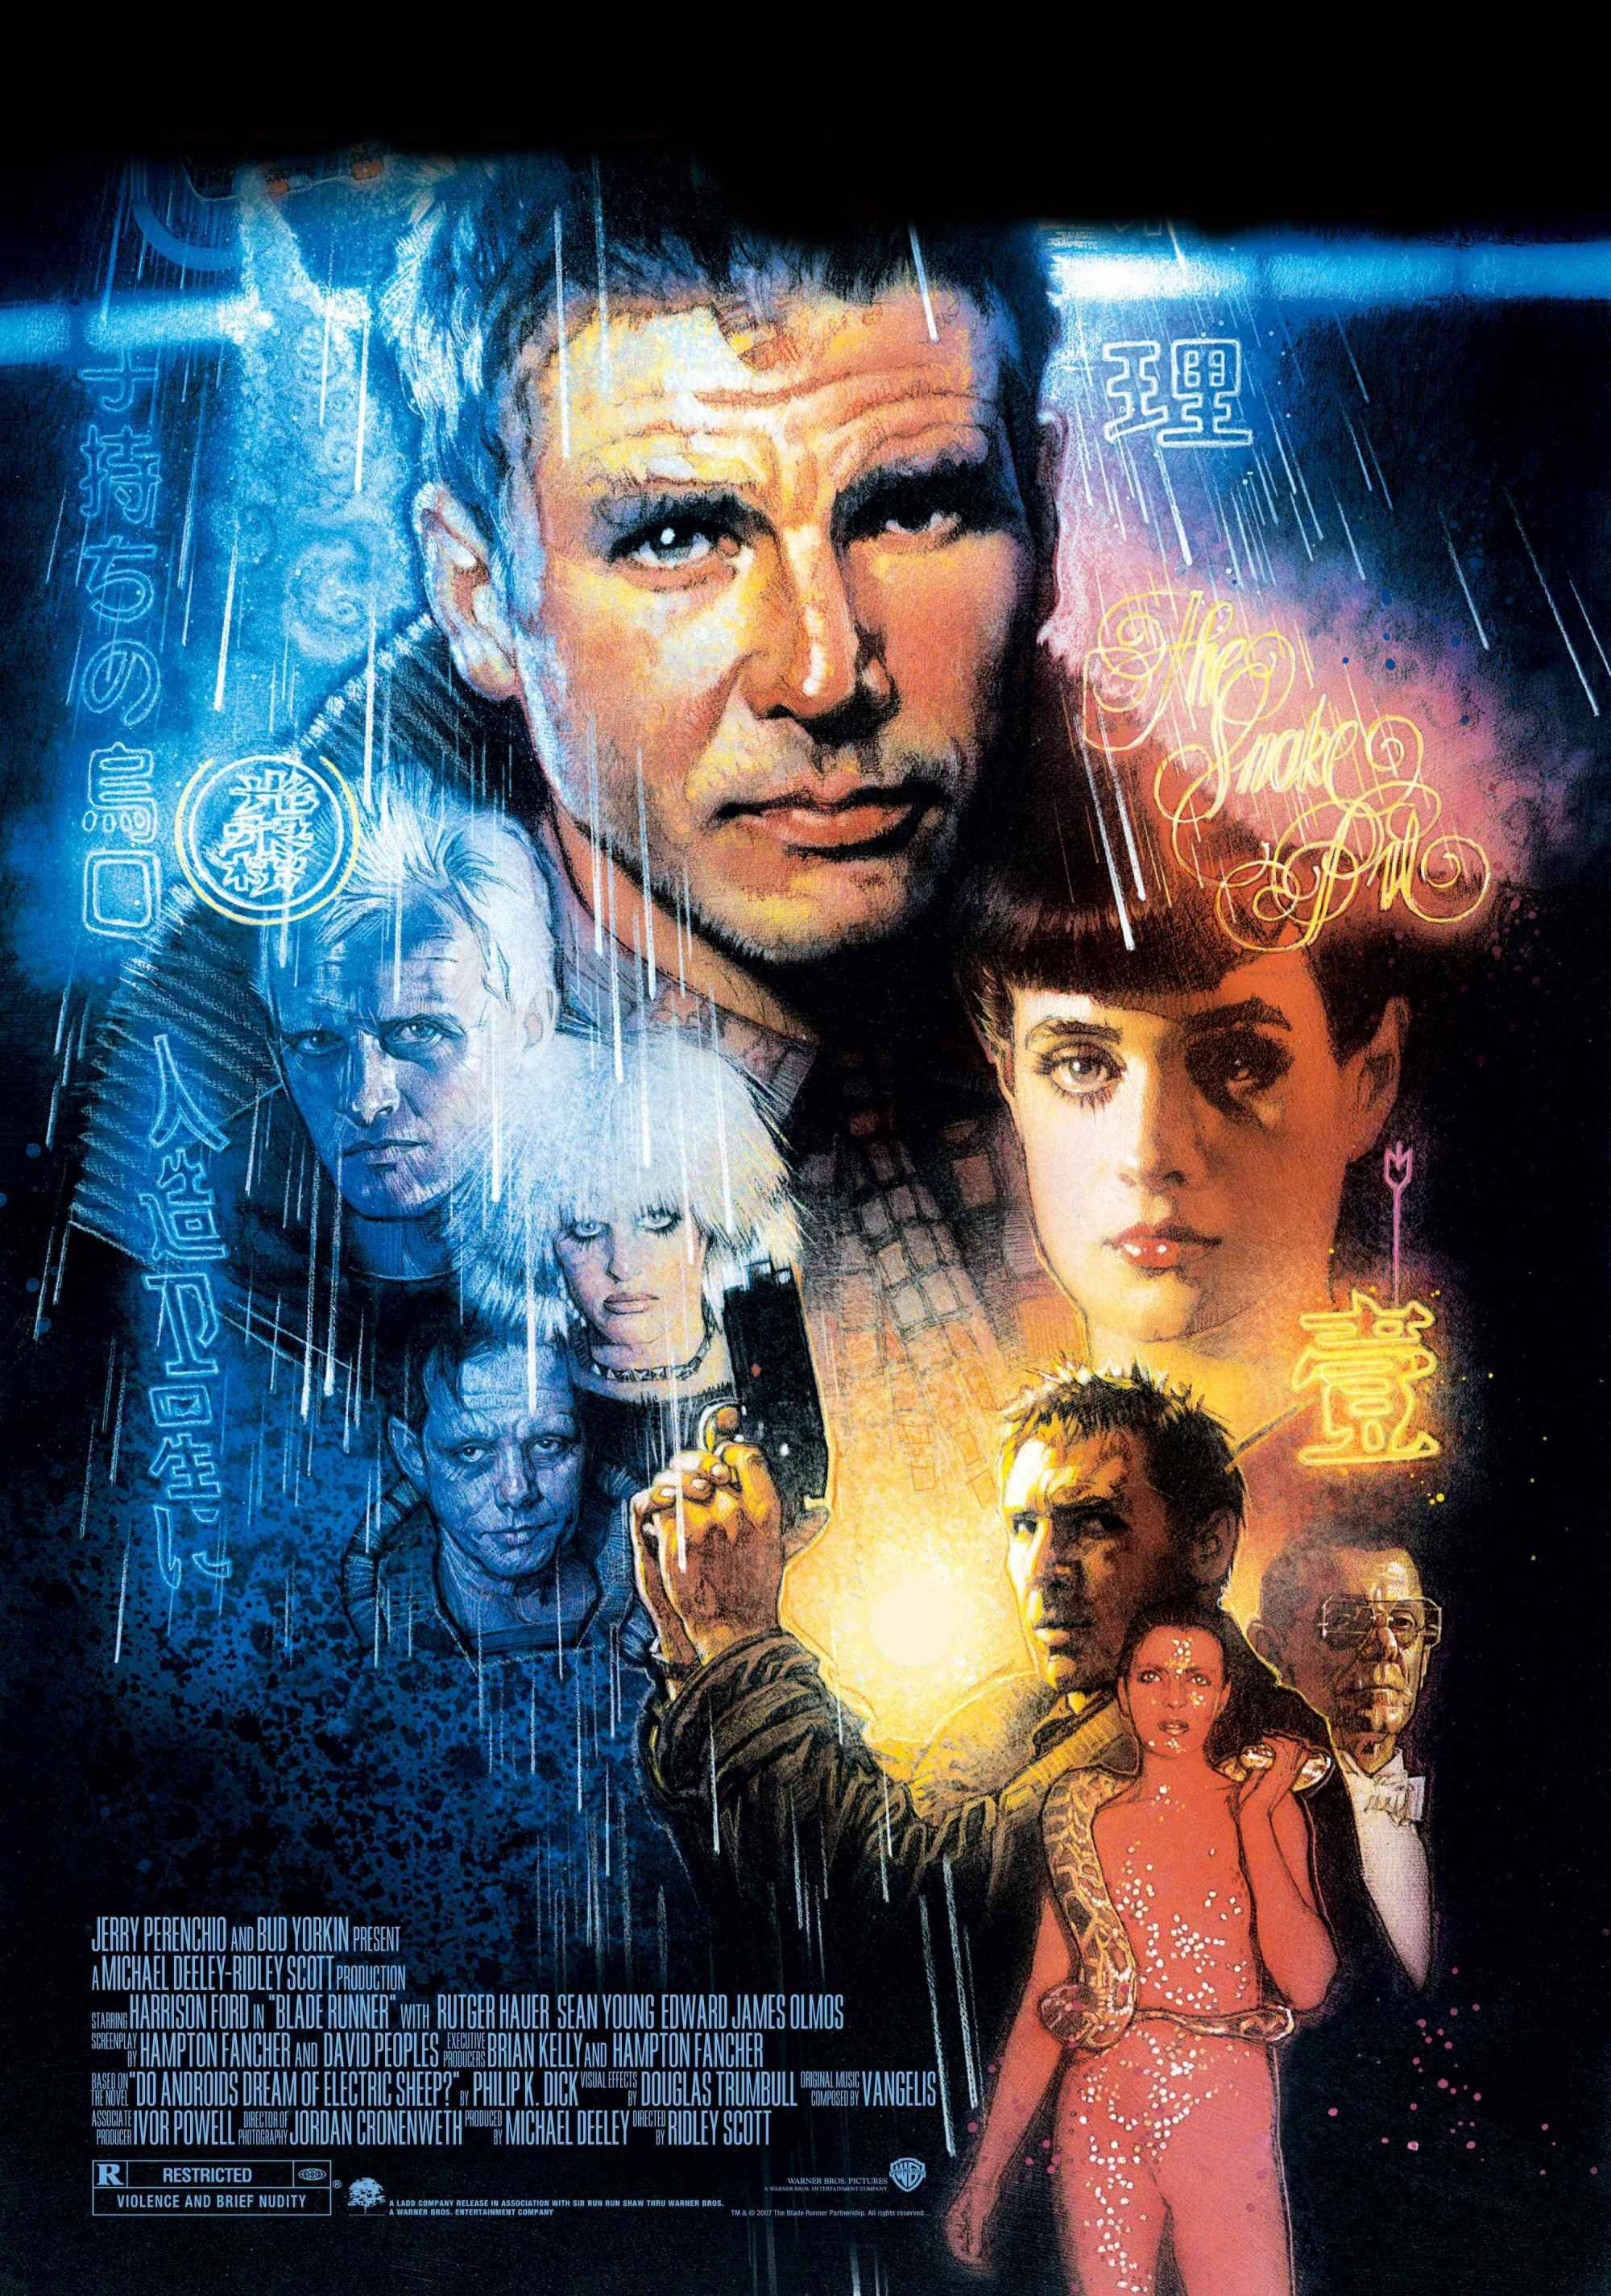 F-433 Blade Runner 2049 Movie Ryan Gosling Harrison Ford Art Film Poster 27x40